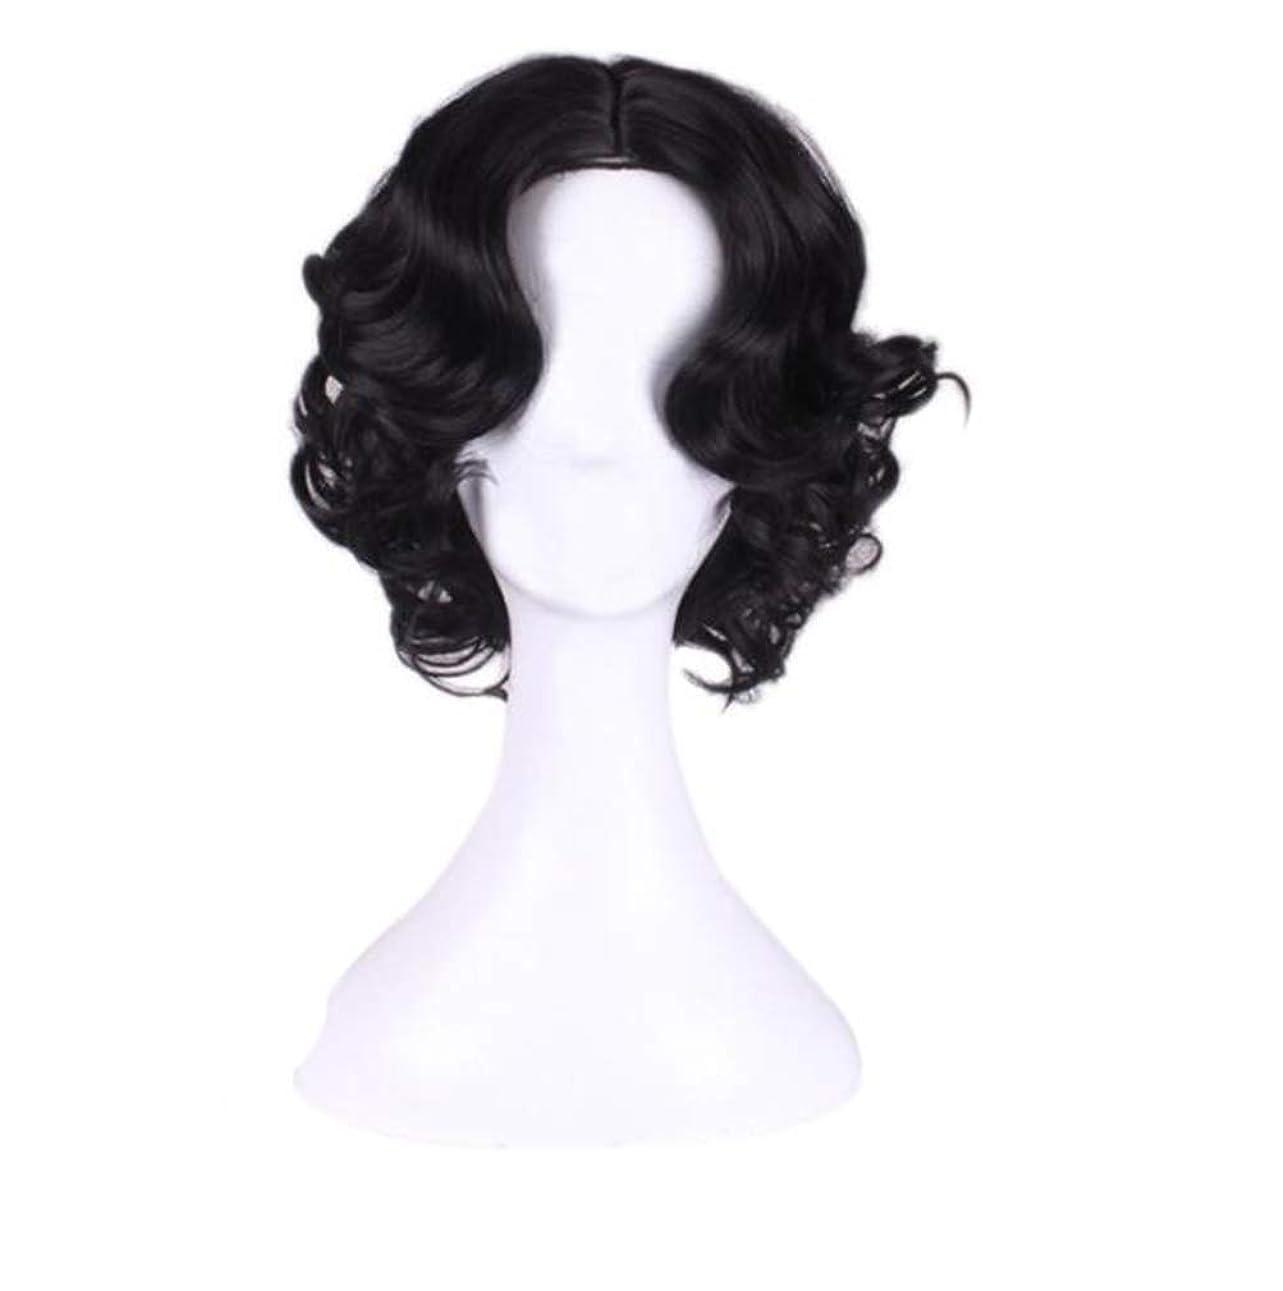 適応する反抗すばらしいですかつら短毛の合成ハロウィーンの役割中型の短い髪の女性、高品質のかつらを演奏